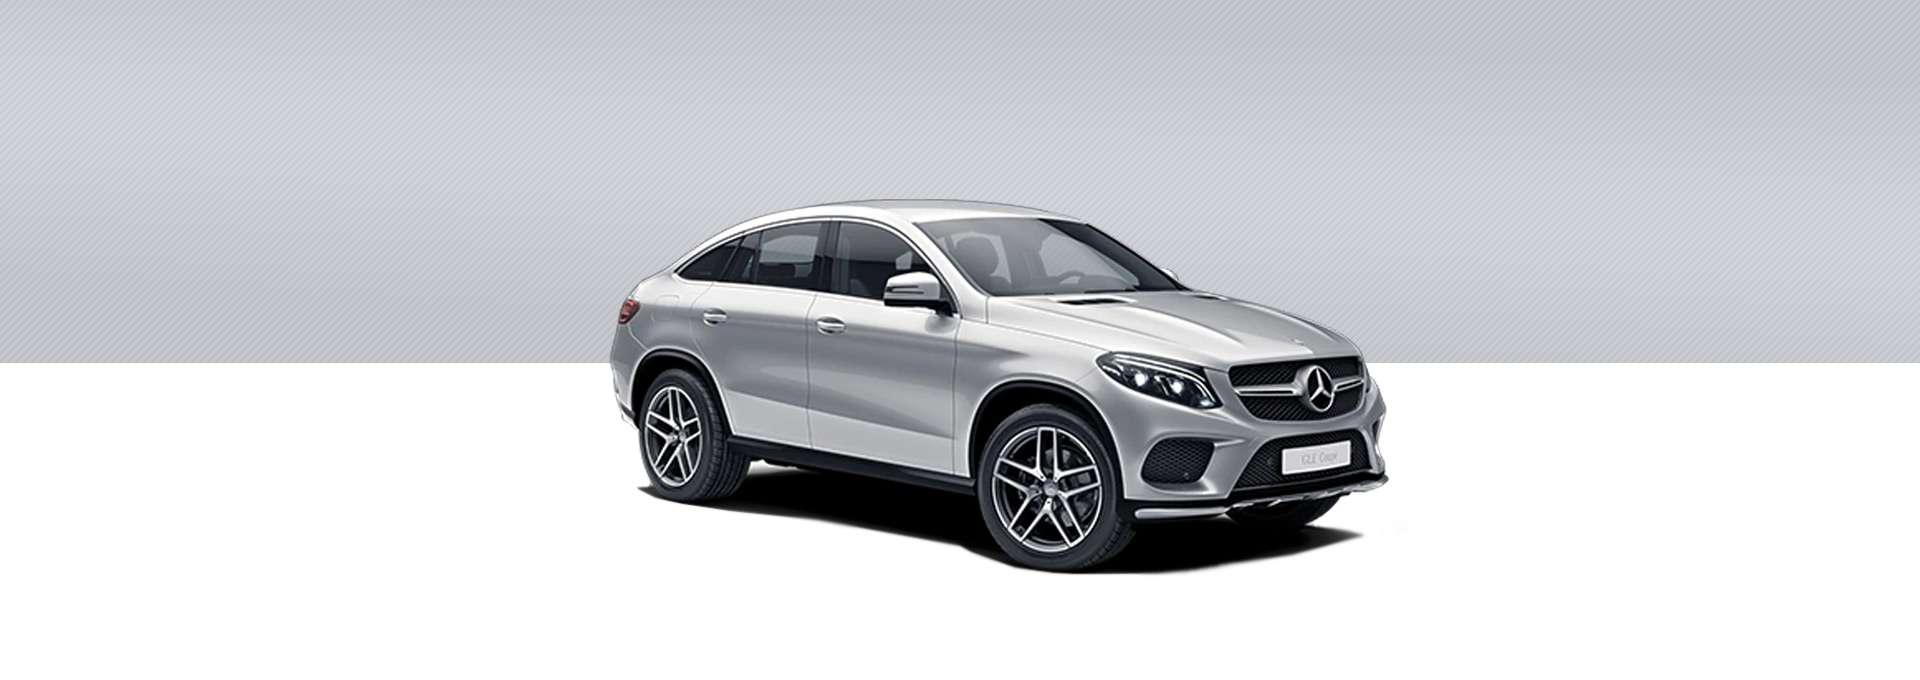 Mercedes Benz GLE COUPÉ